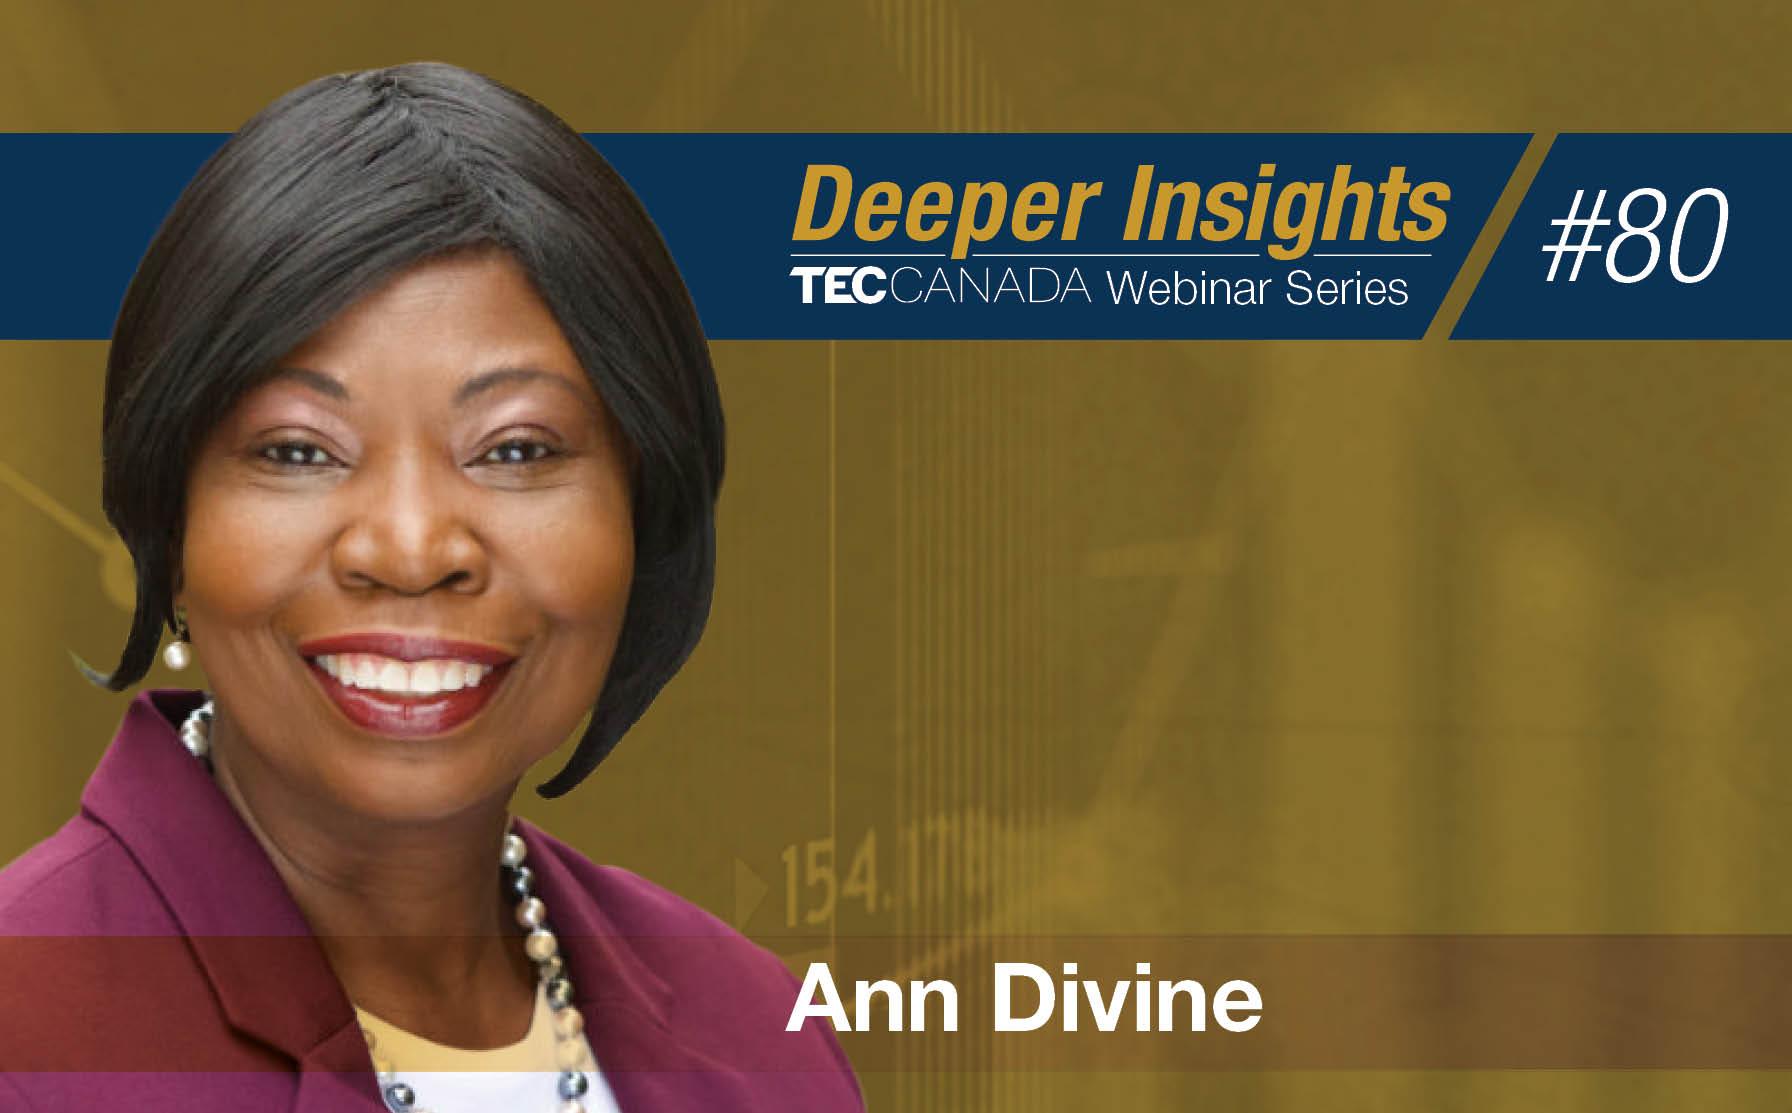 Ann Divine